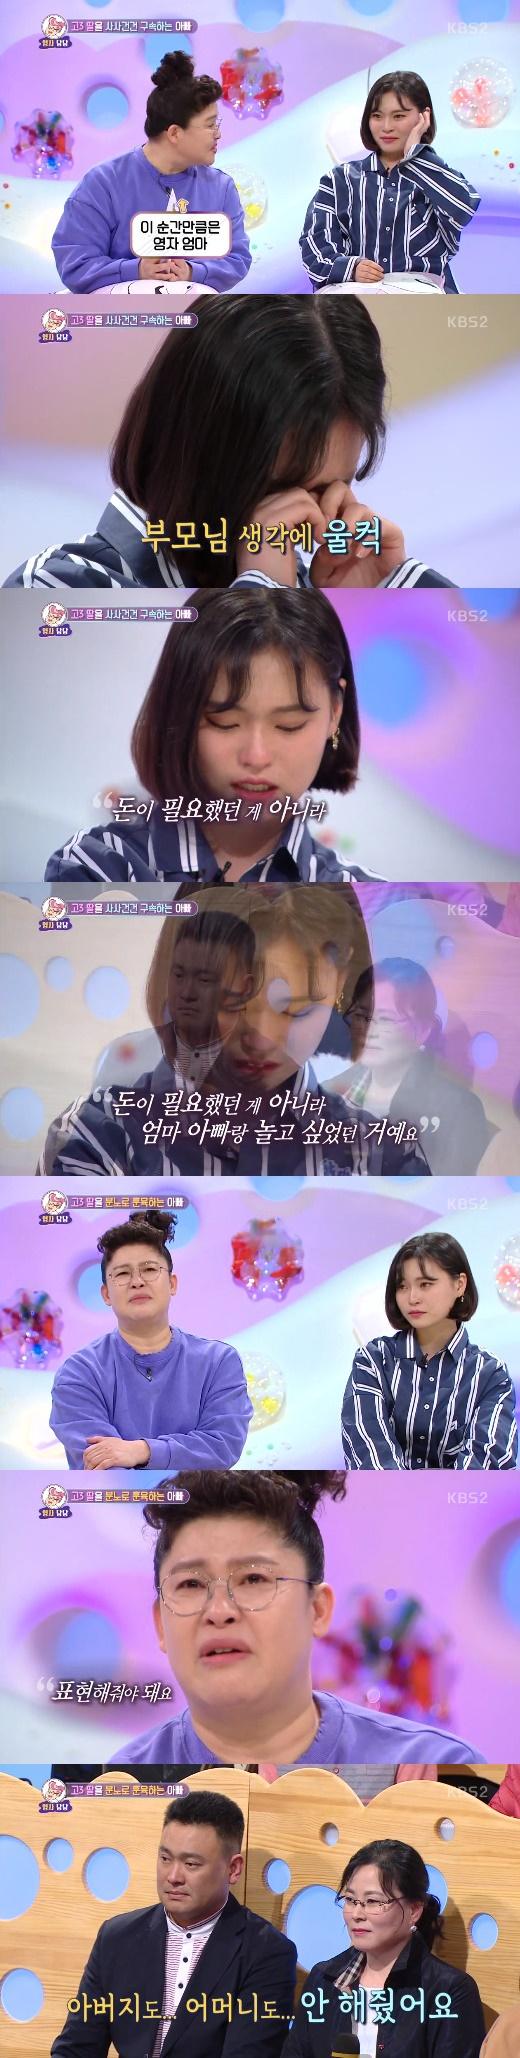 """[MD리뷰] '안녕하세요' 이영자, 딸 구속 아빠에 눈물로 조언 """"사랑 표현해야"""""""